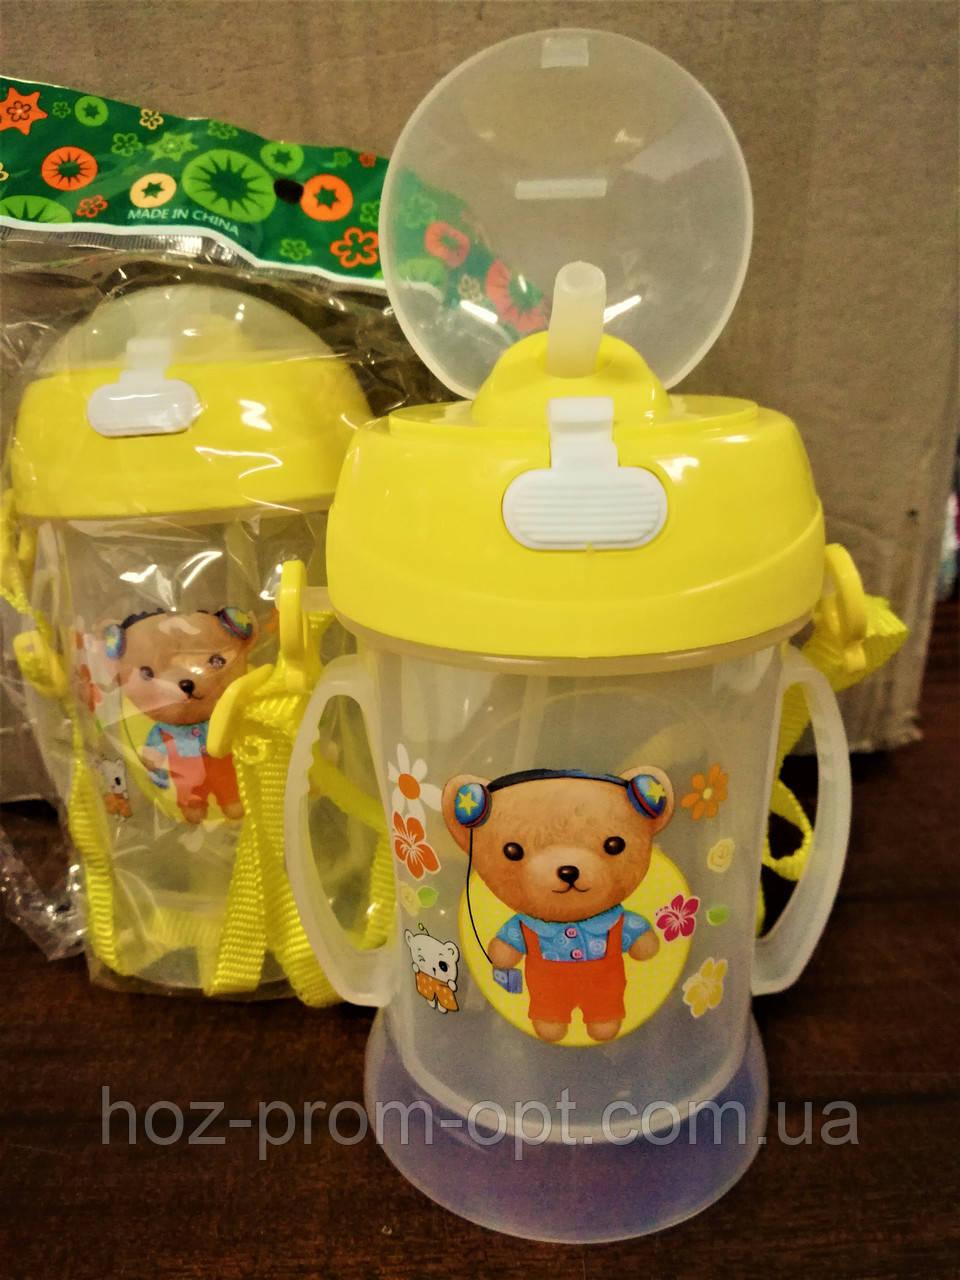 Чашка-поилка пластиковая детская с ручками 10,5х8х15,5см 350мл. Крышка на кнопке-замке. Только РОЗОВЫЙ!